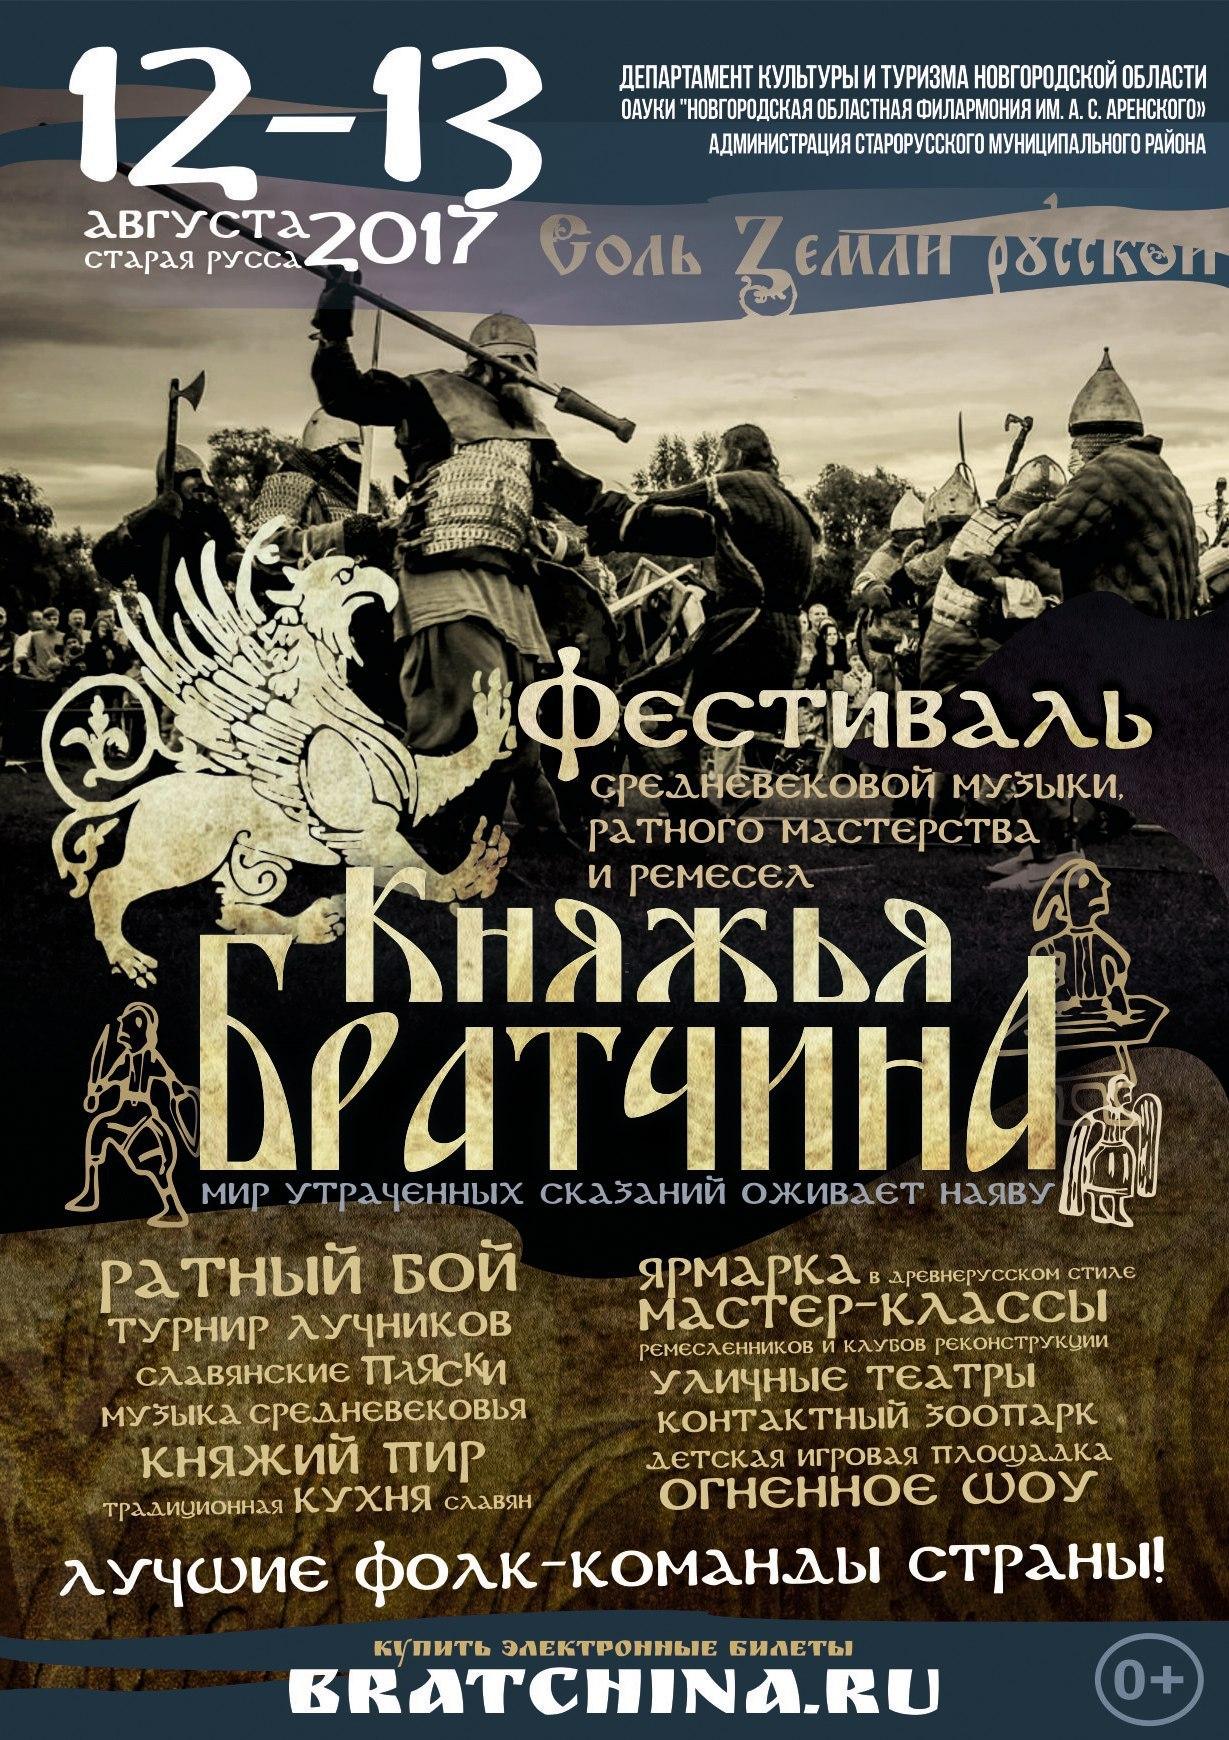 Межрегиональный фольклорный фестиваль Княжья братчина